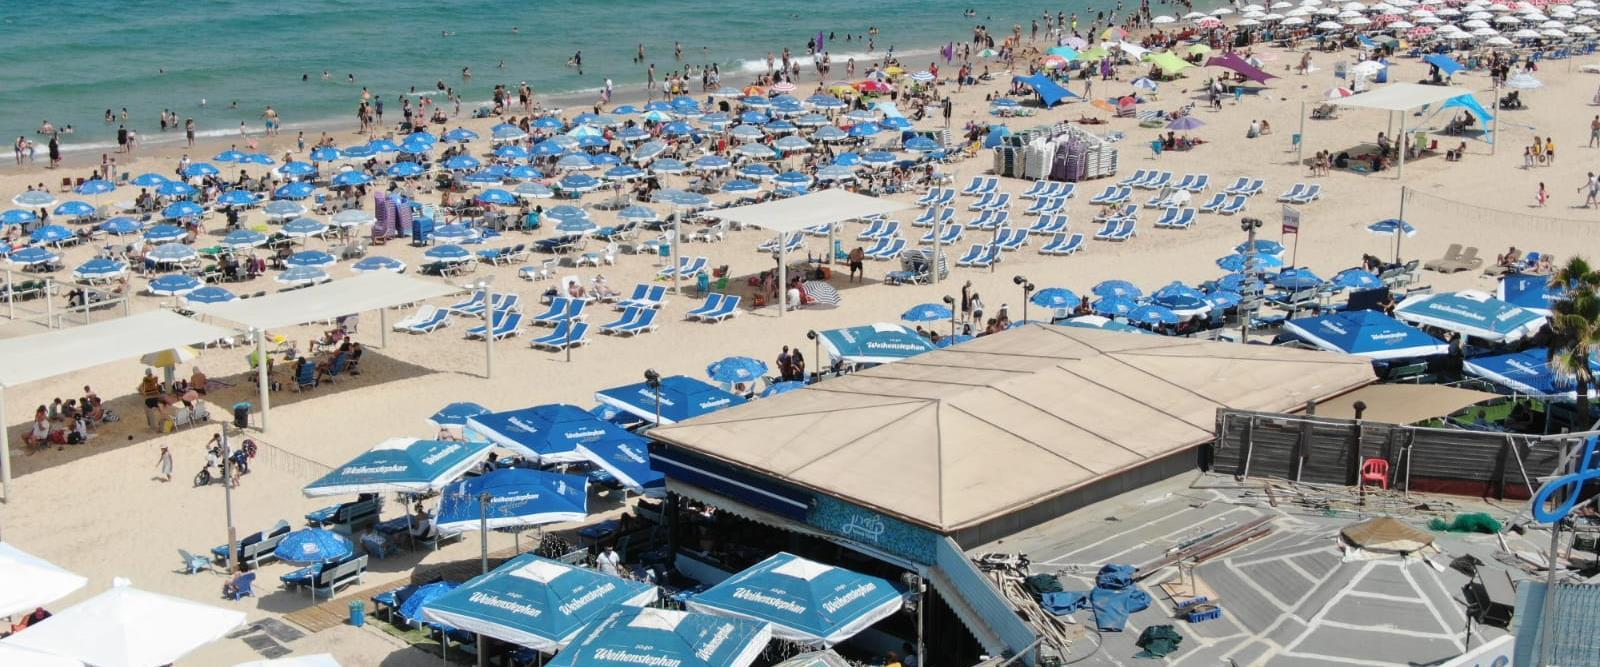 חוף בתל אביב, ארכיון